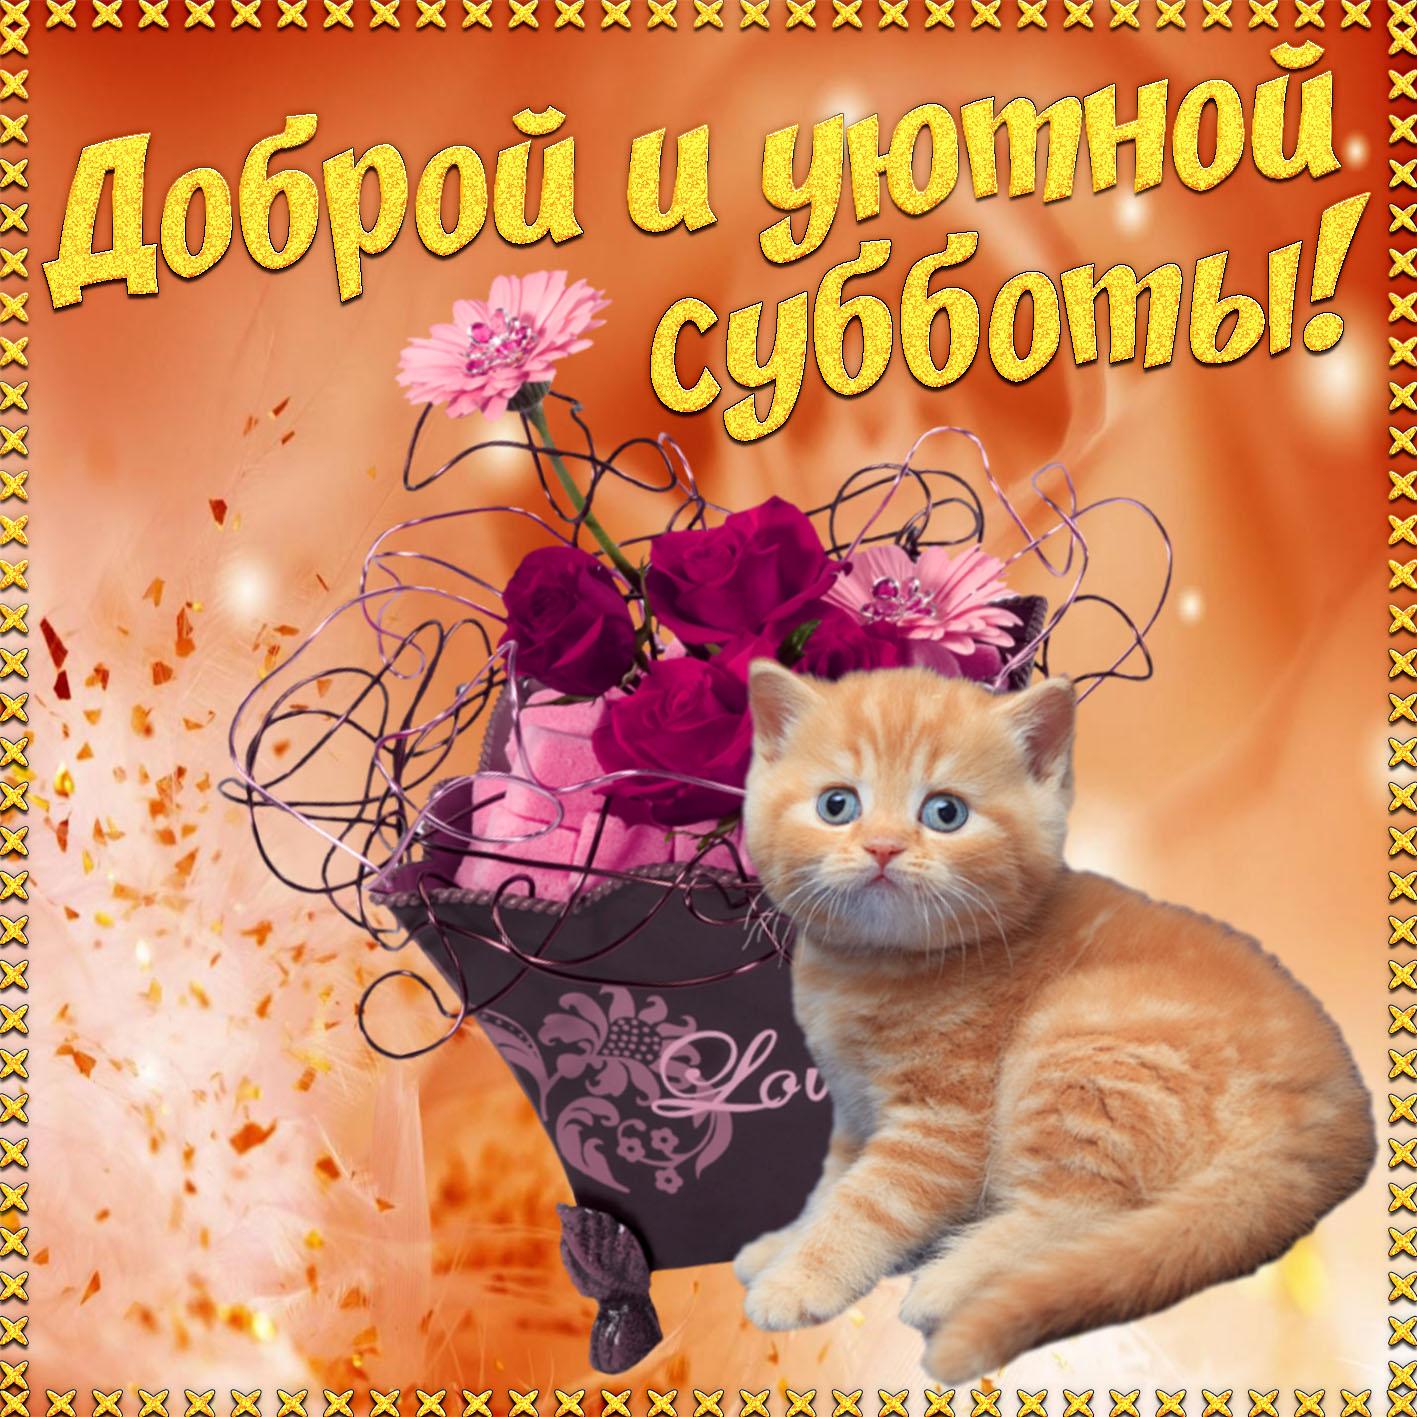 открытки с субботним утром и хорошего дня дня